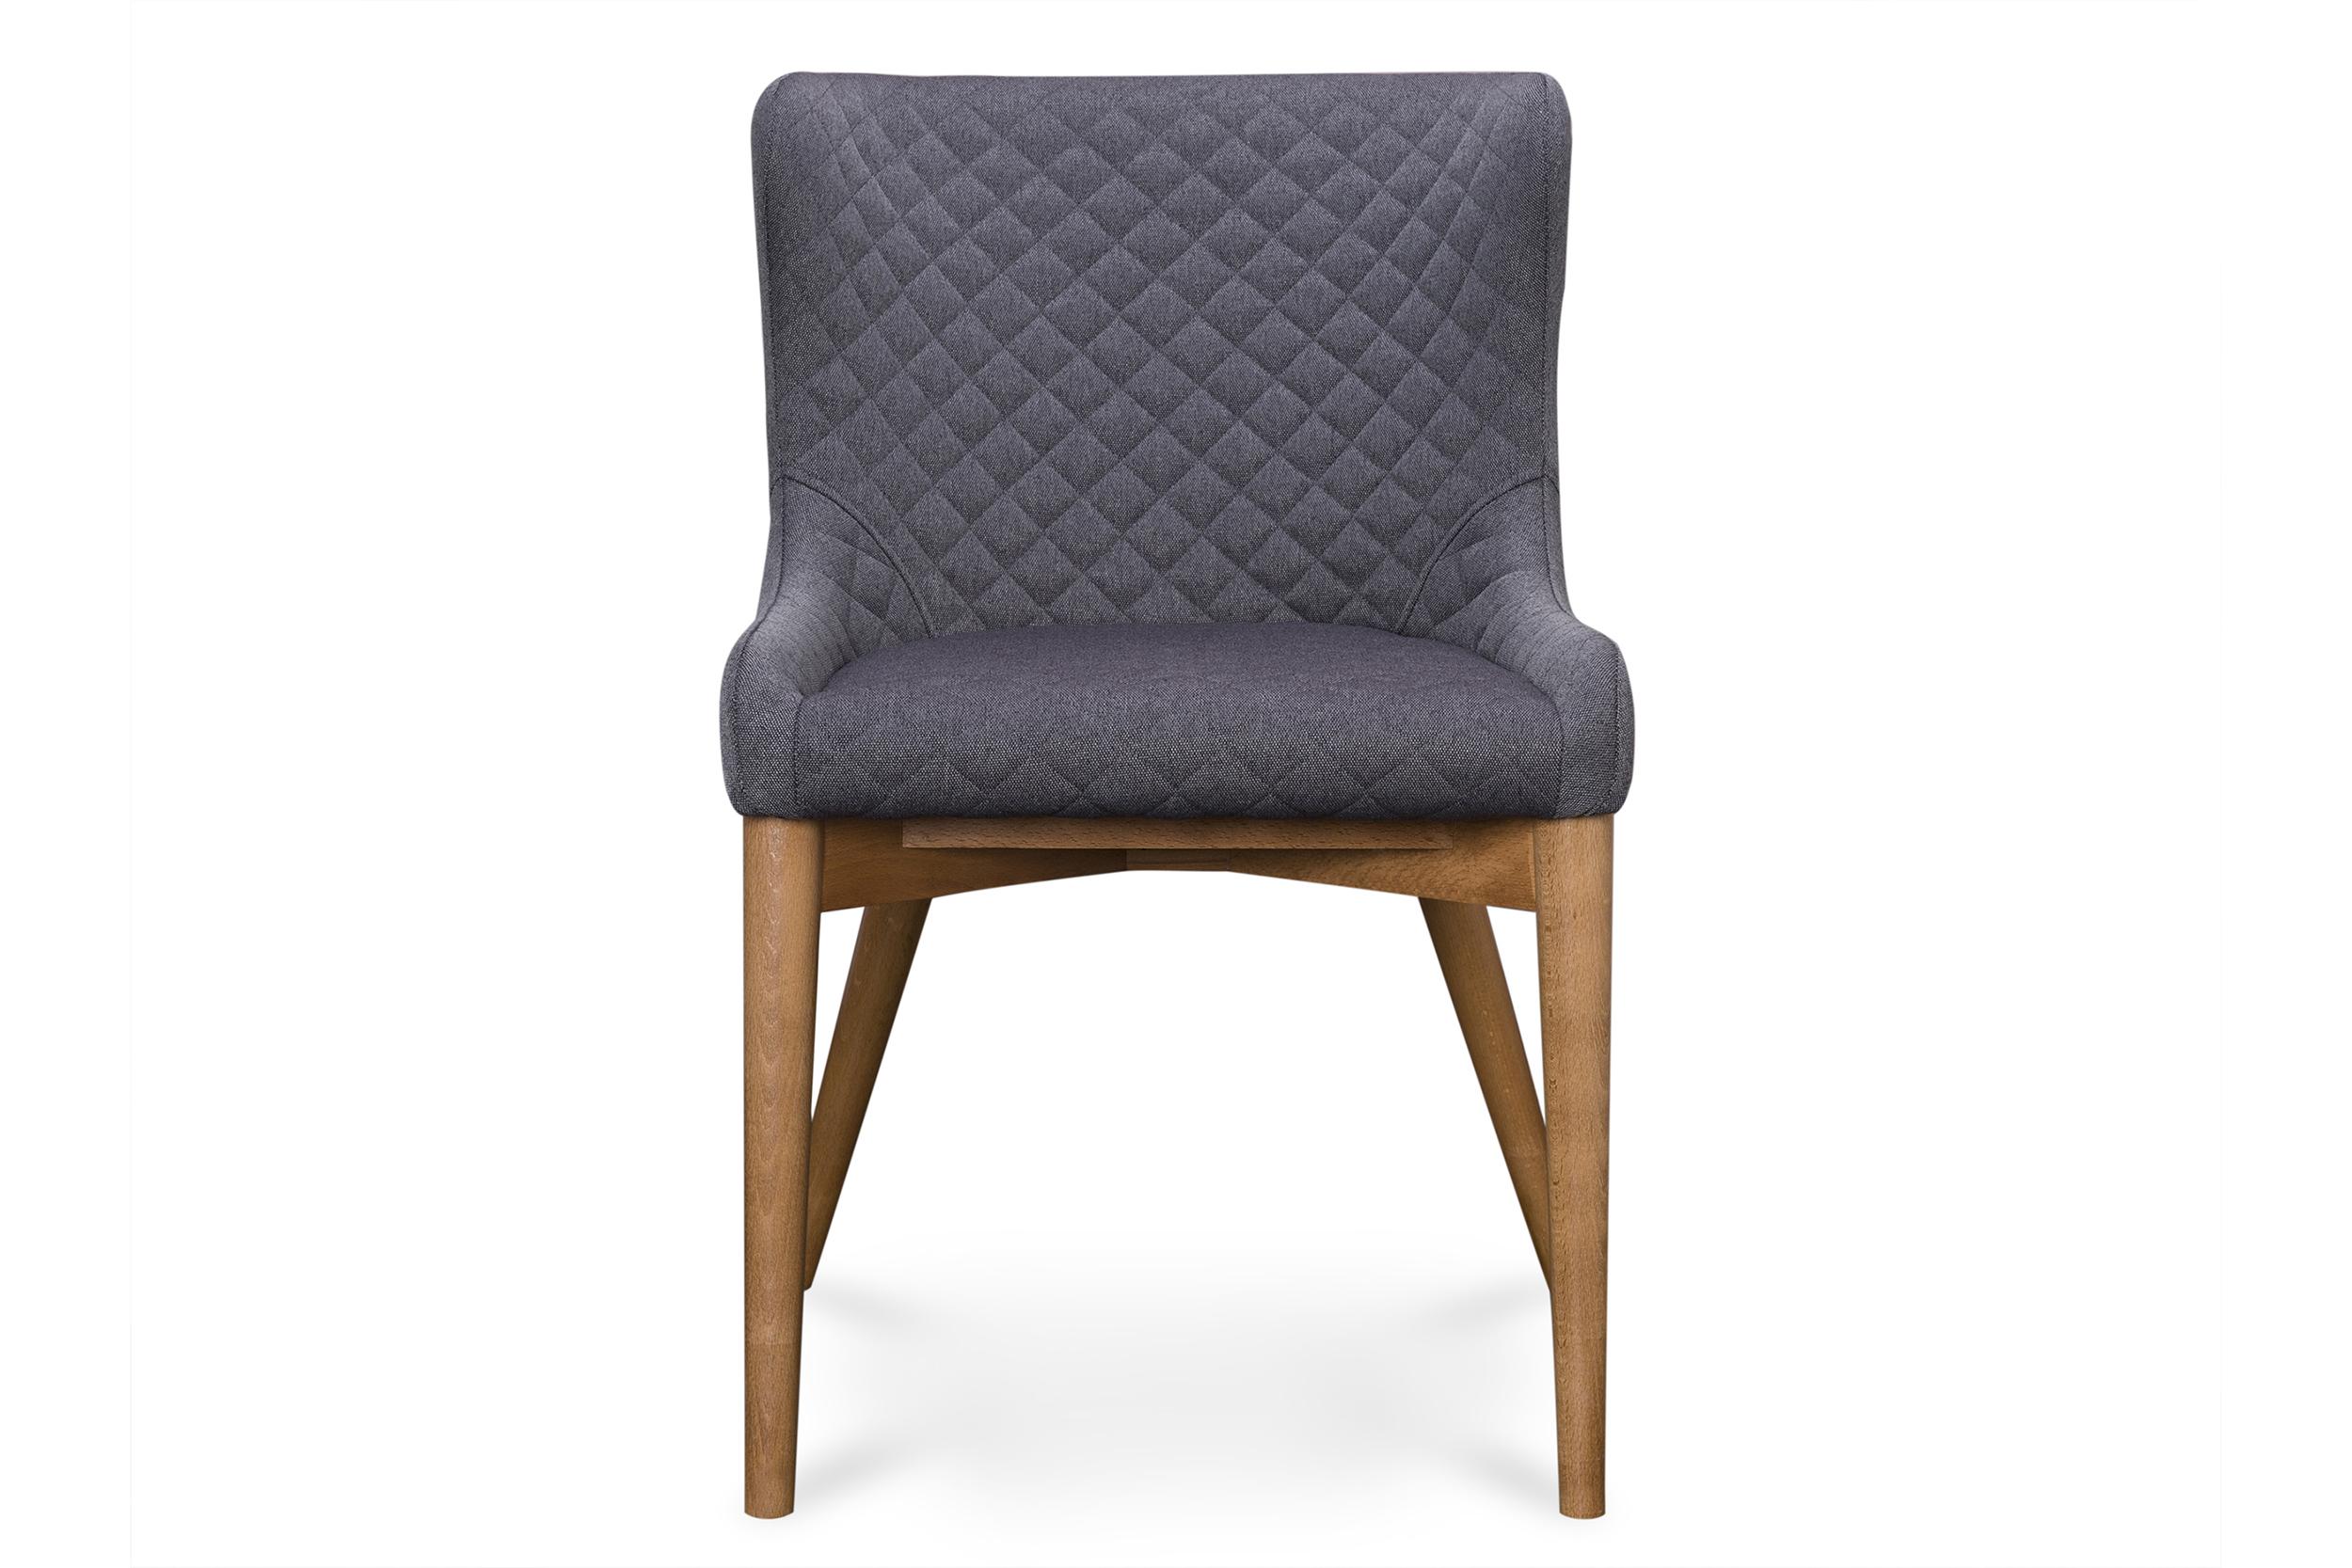 Стул BregelОбеденные стулья<br>&amp;lt;div&amp;gt;В это трудно поверить, но некоторые люди предпочитают обедать сидя на диванах. Просто у этих людей нет правильных обеденных стульев, таких как &amp;quot;Bregel&amp;quot;. Глубокая обволакивающая посадка и стильная стежка этого стула сделают ваш обед еще более приятным.&amp;lt;br&amp;gt;&amp;lt;/div&amp;gt;&amp;lt;div&amp;gt;&amp;lt;br&amp;gt;&amp;lt;/div&amp;gt;&amp;lt;div&amp;gt;Высота сидения: 47 см.&amp;lt;br&amp;gt;&amp;lt;/div&amp;gt;&amp;lt;div&amp;gt;Заказ с обивкой со стежкой возможен от 20 штук. Заказ в обычной ткани возможен от 1 шт. Подробности уточняйте у менеджера.&amp;amp;nbsp;&amp;lt;br&amp;gt;&amp;lt;/div&amp;gt;<br><br>Material: Бук<br>Ширина см: 50<br>Высота см: 80<br>Глубина см: 61